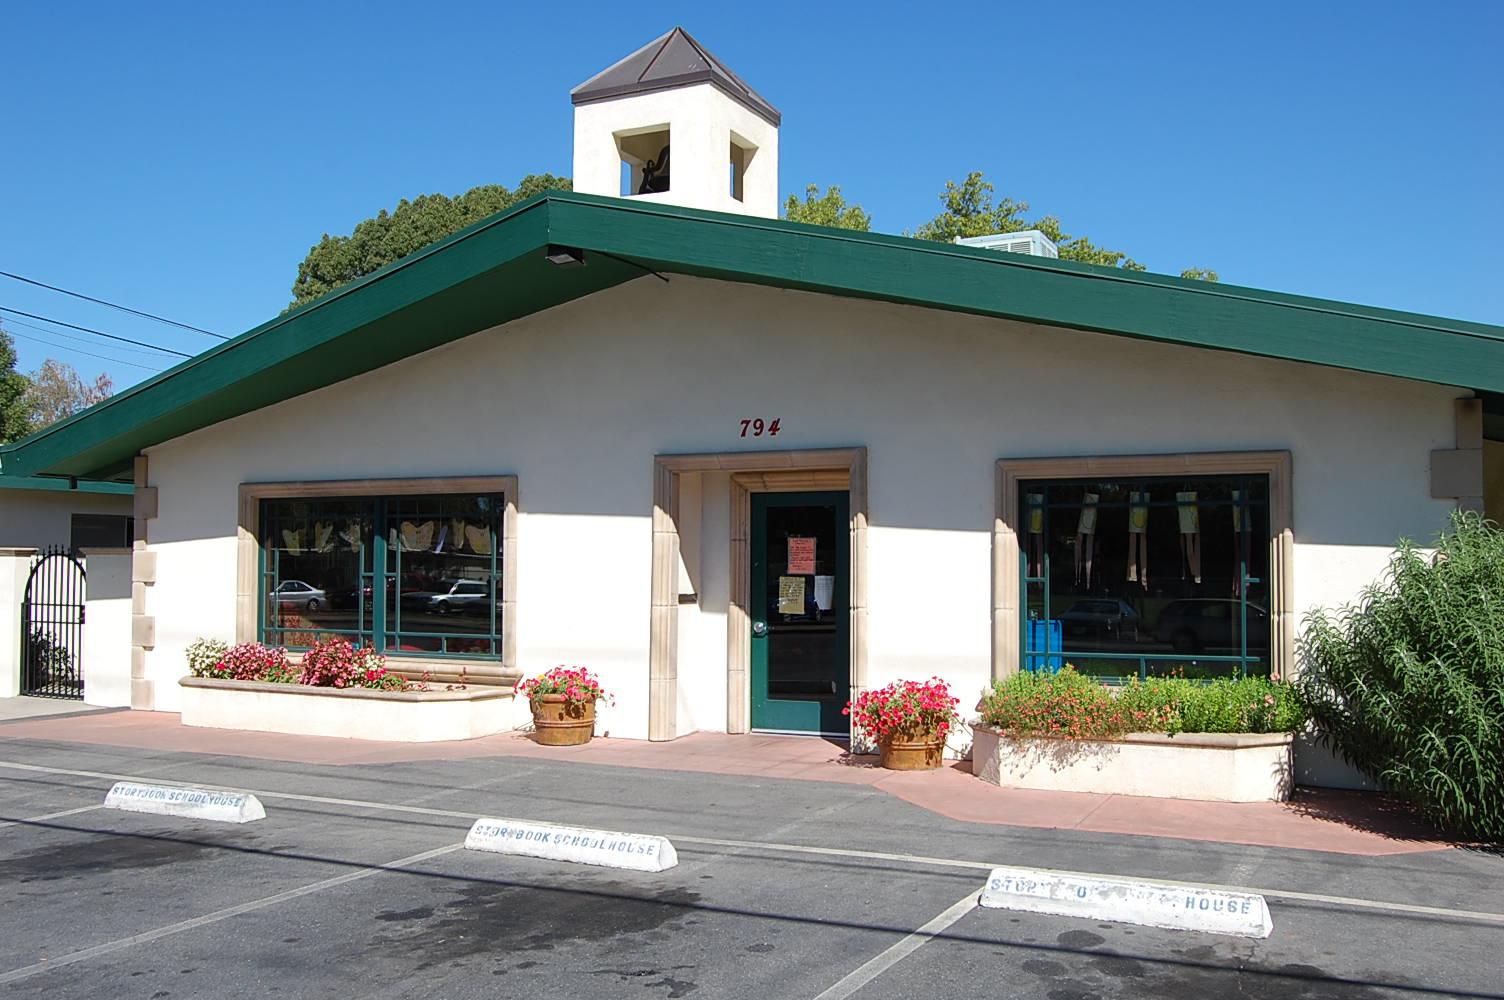 Storybook schoolhouse jpg royalty free Preschool in Chico – Storybook Schoolhouse INC. - Nursery School ... jpg royalty free